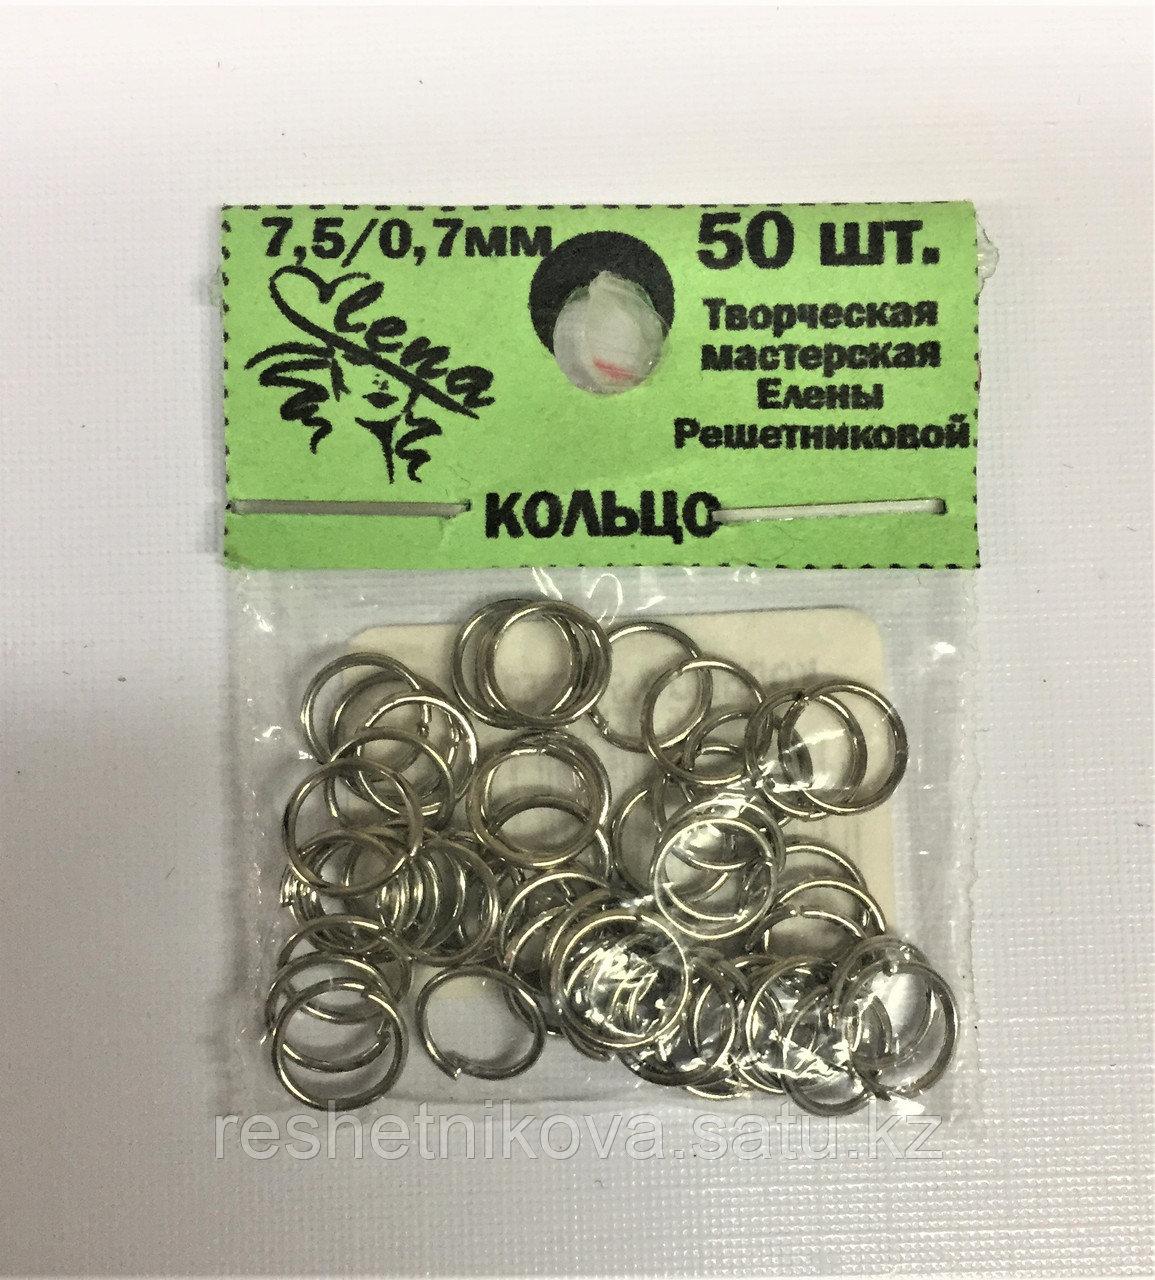 Кольцо соеденительное  7,5/0,7 мм (50 шт.)